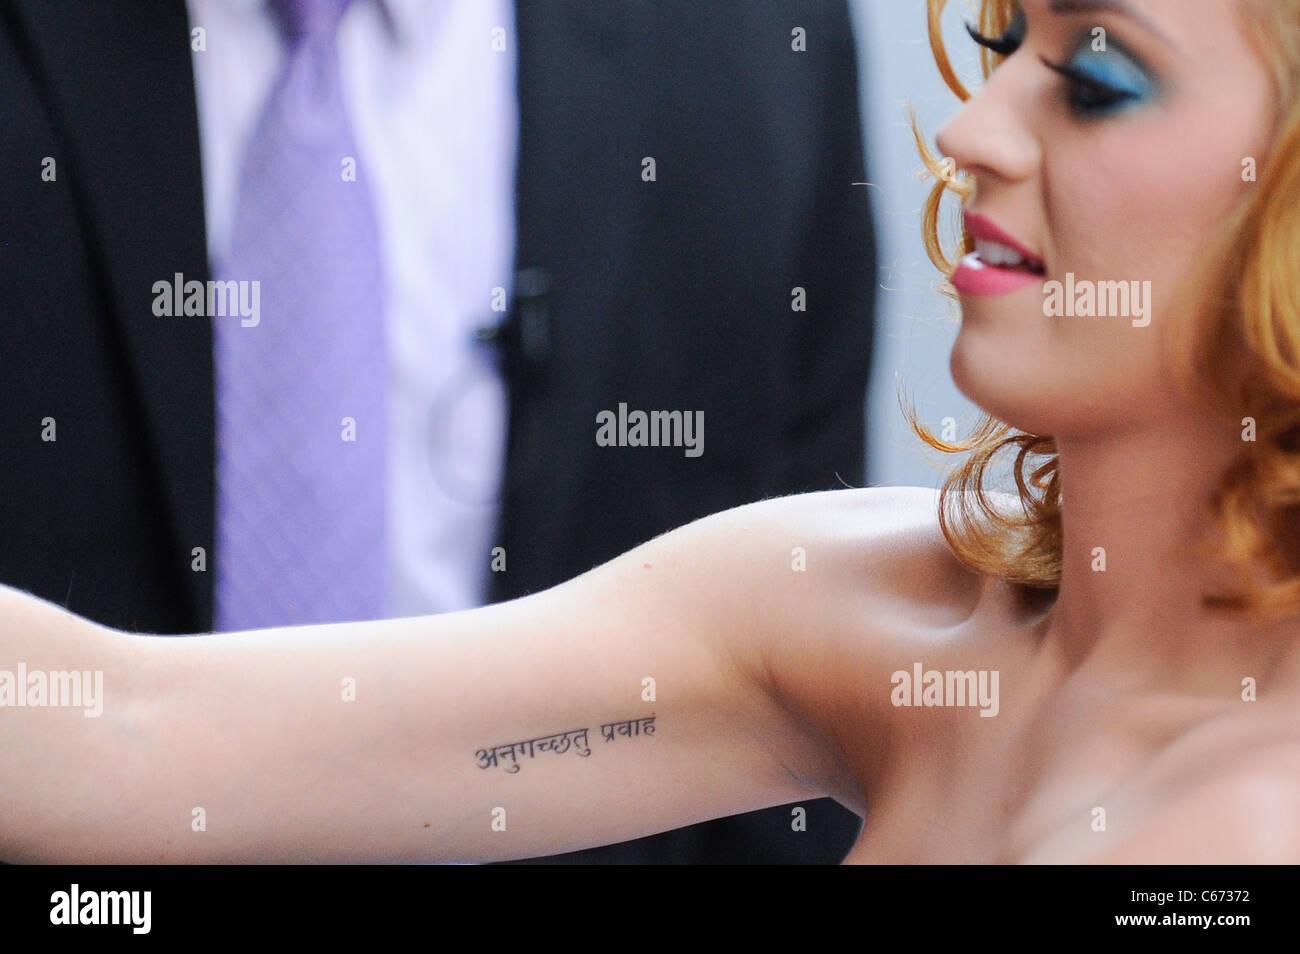 Katy Perry Tattoo Stock Photos Katy Perry Tattoo Stock